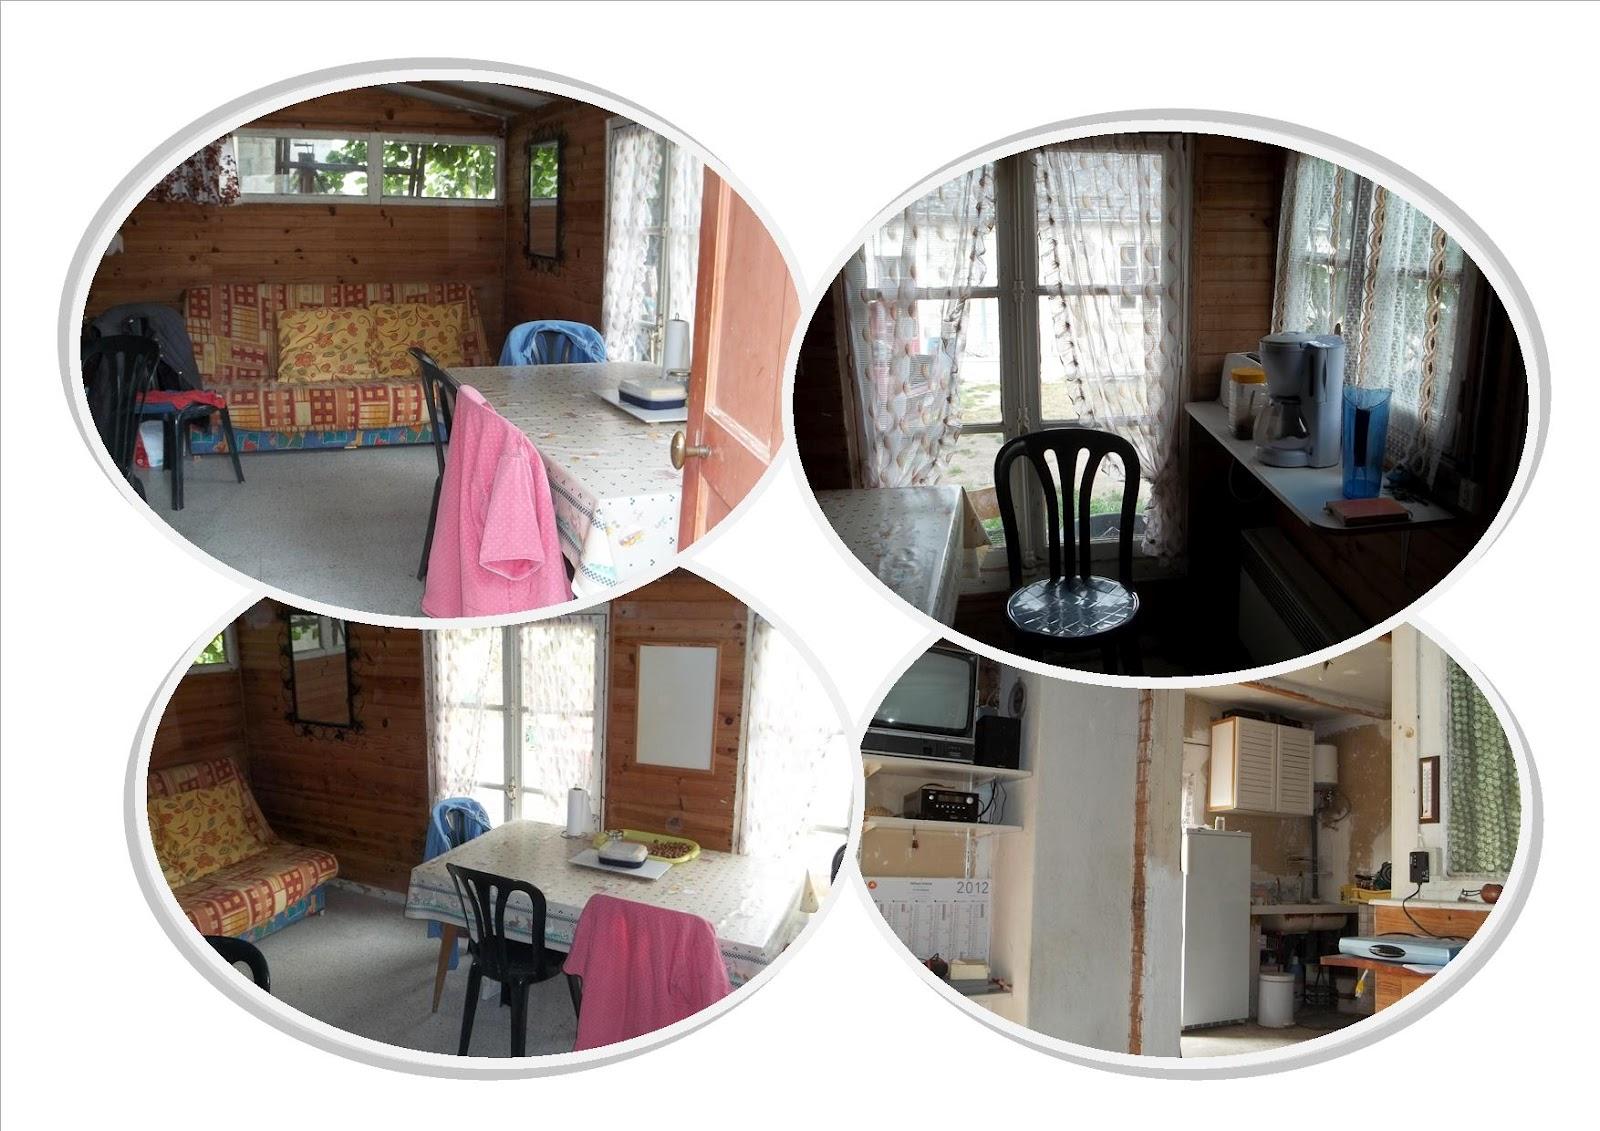 flottille de loire am nager la cabane de chantier. Black Bedroom Furniture Sets. Home Design Ideas